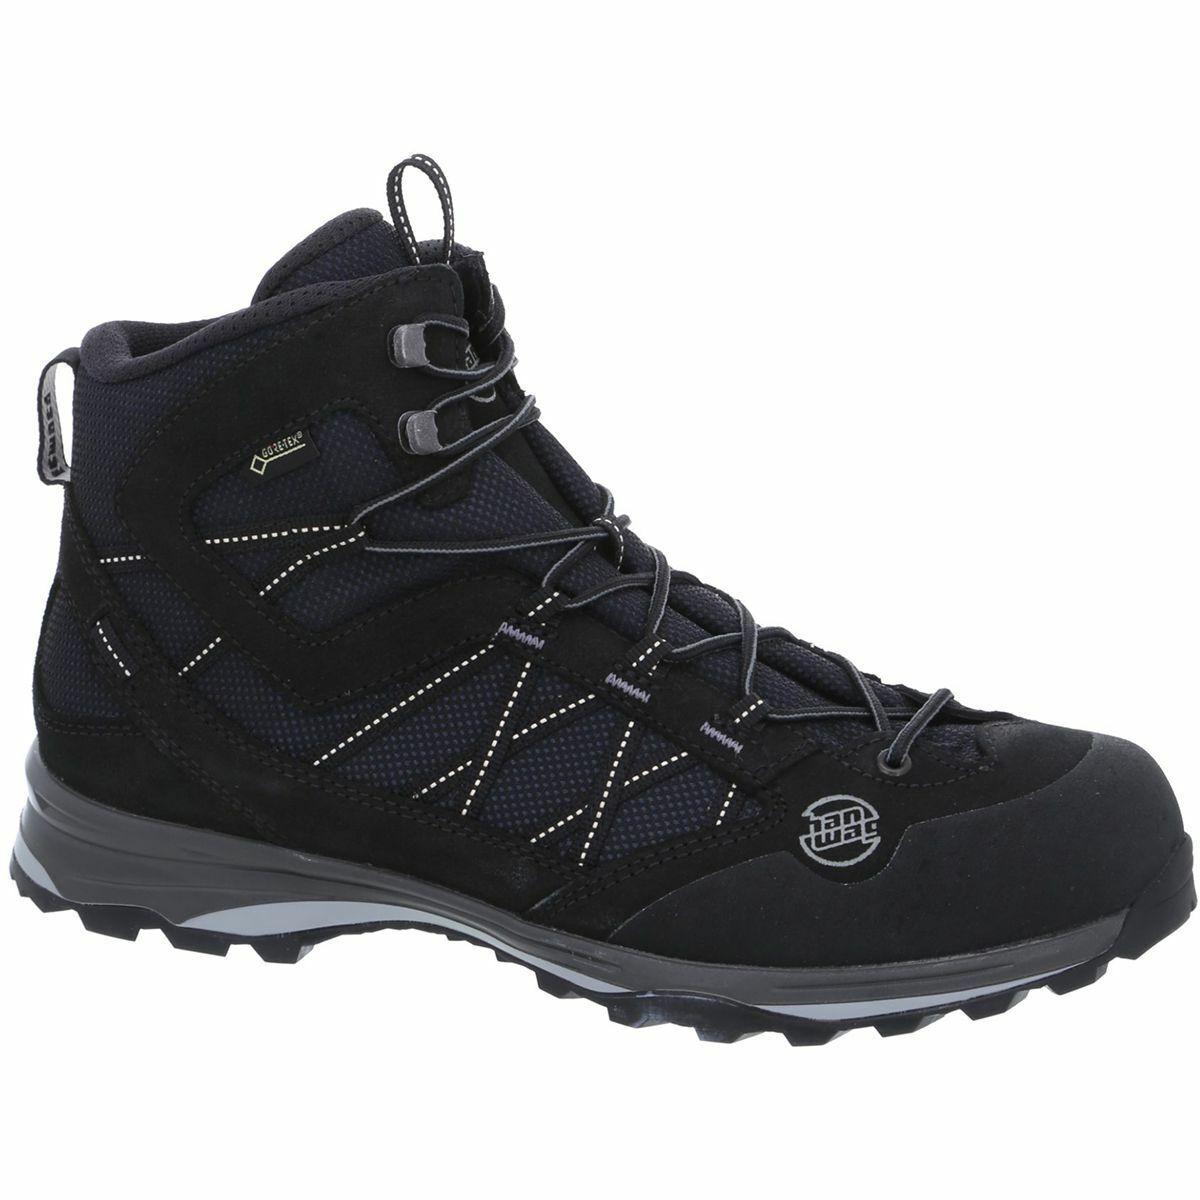 Hanwag Herren Belorado II Mid GTX Schuhe Wanderschuhe Trekkingschuhe NEU